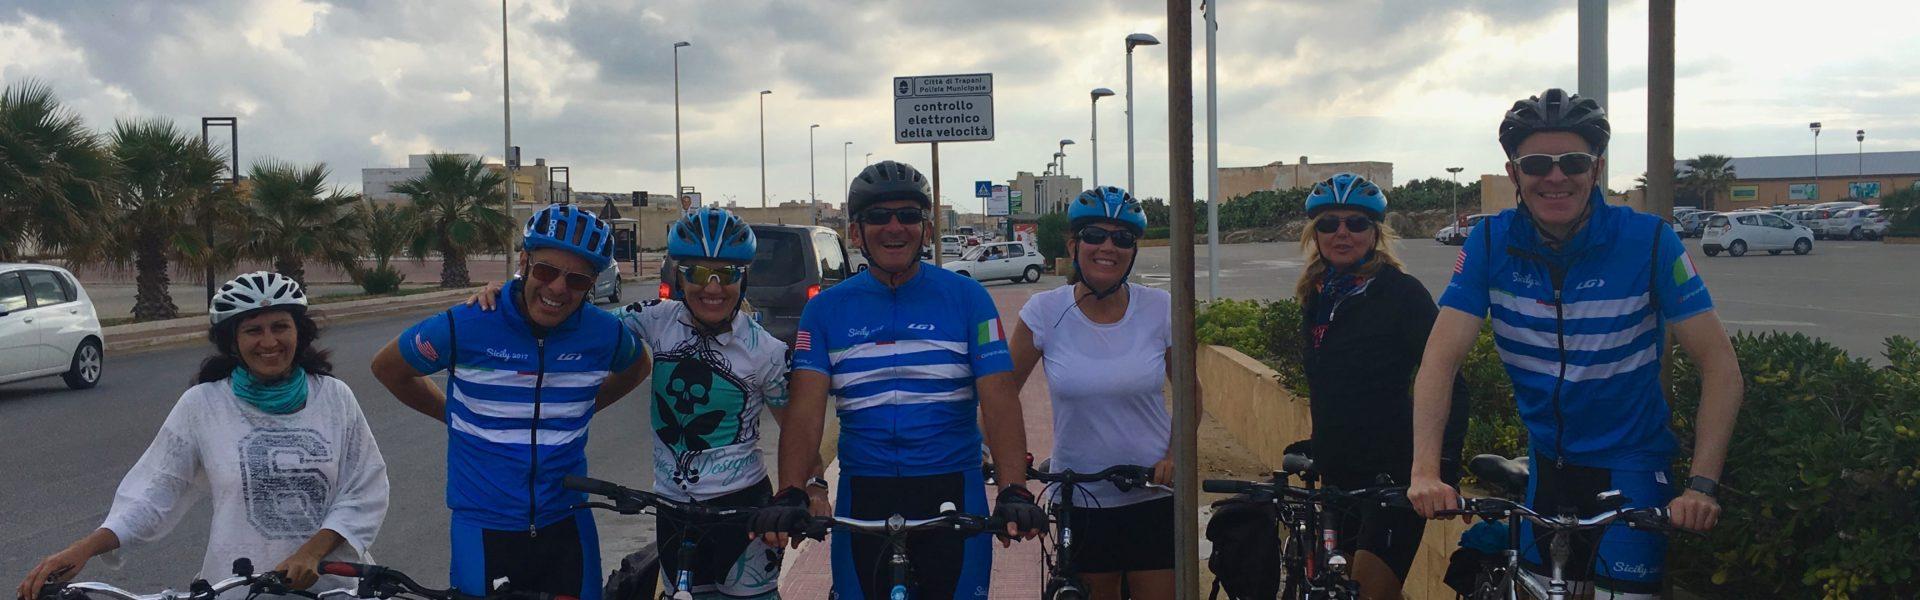 Viaggio in bici con Sicilia a ruota libera